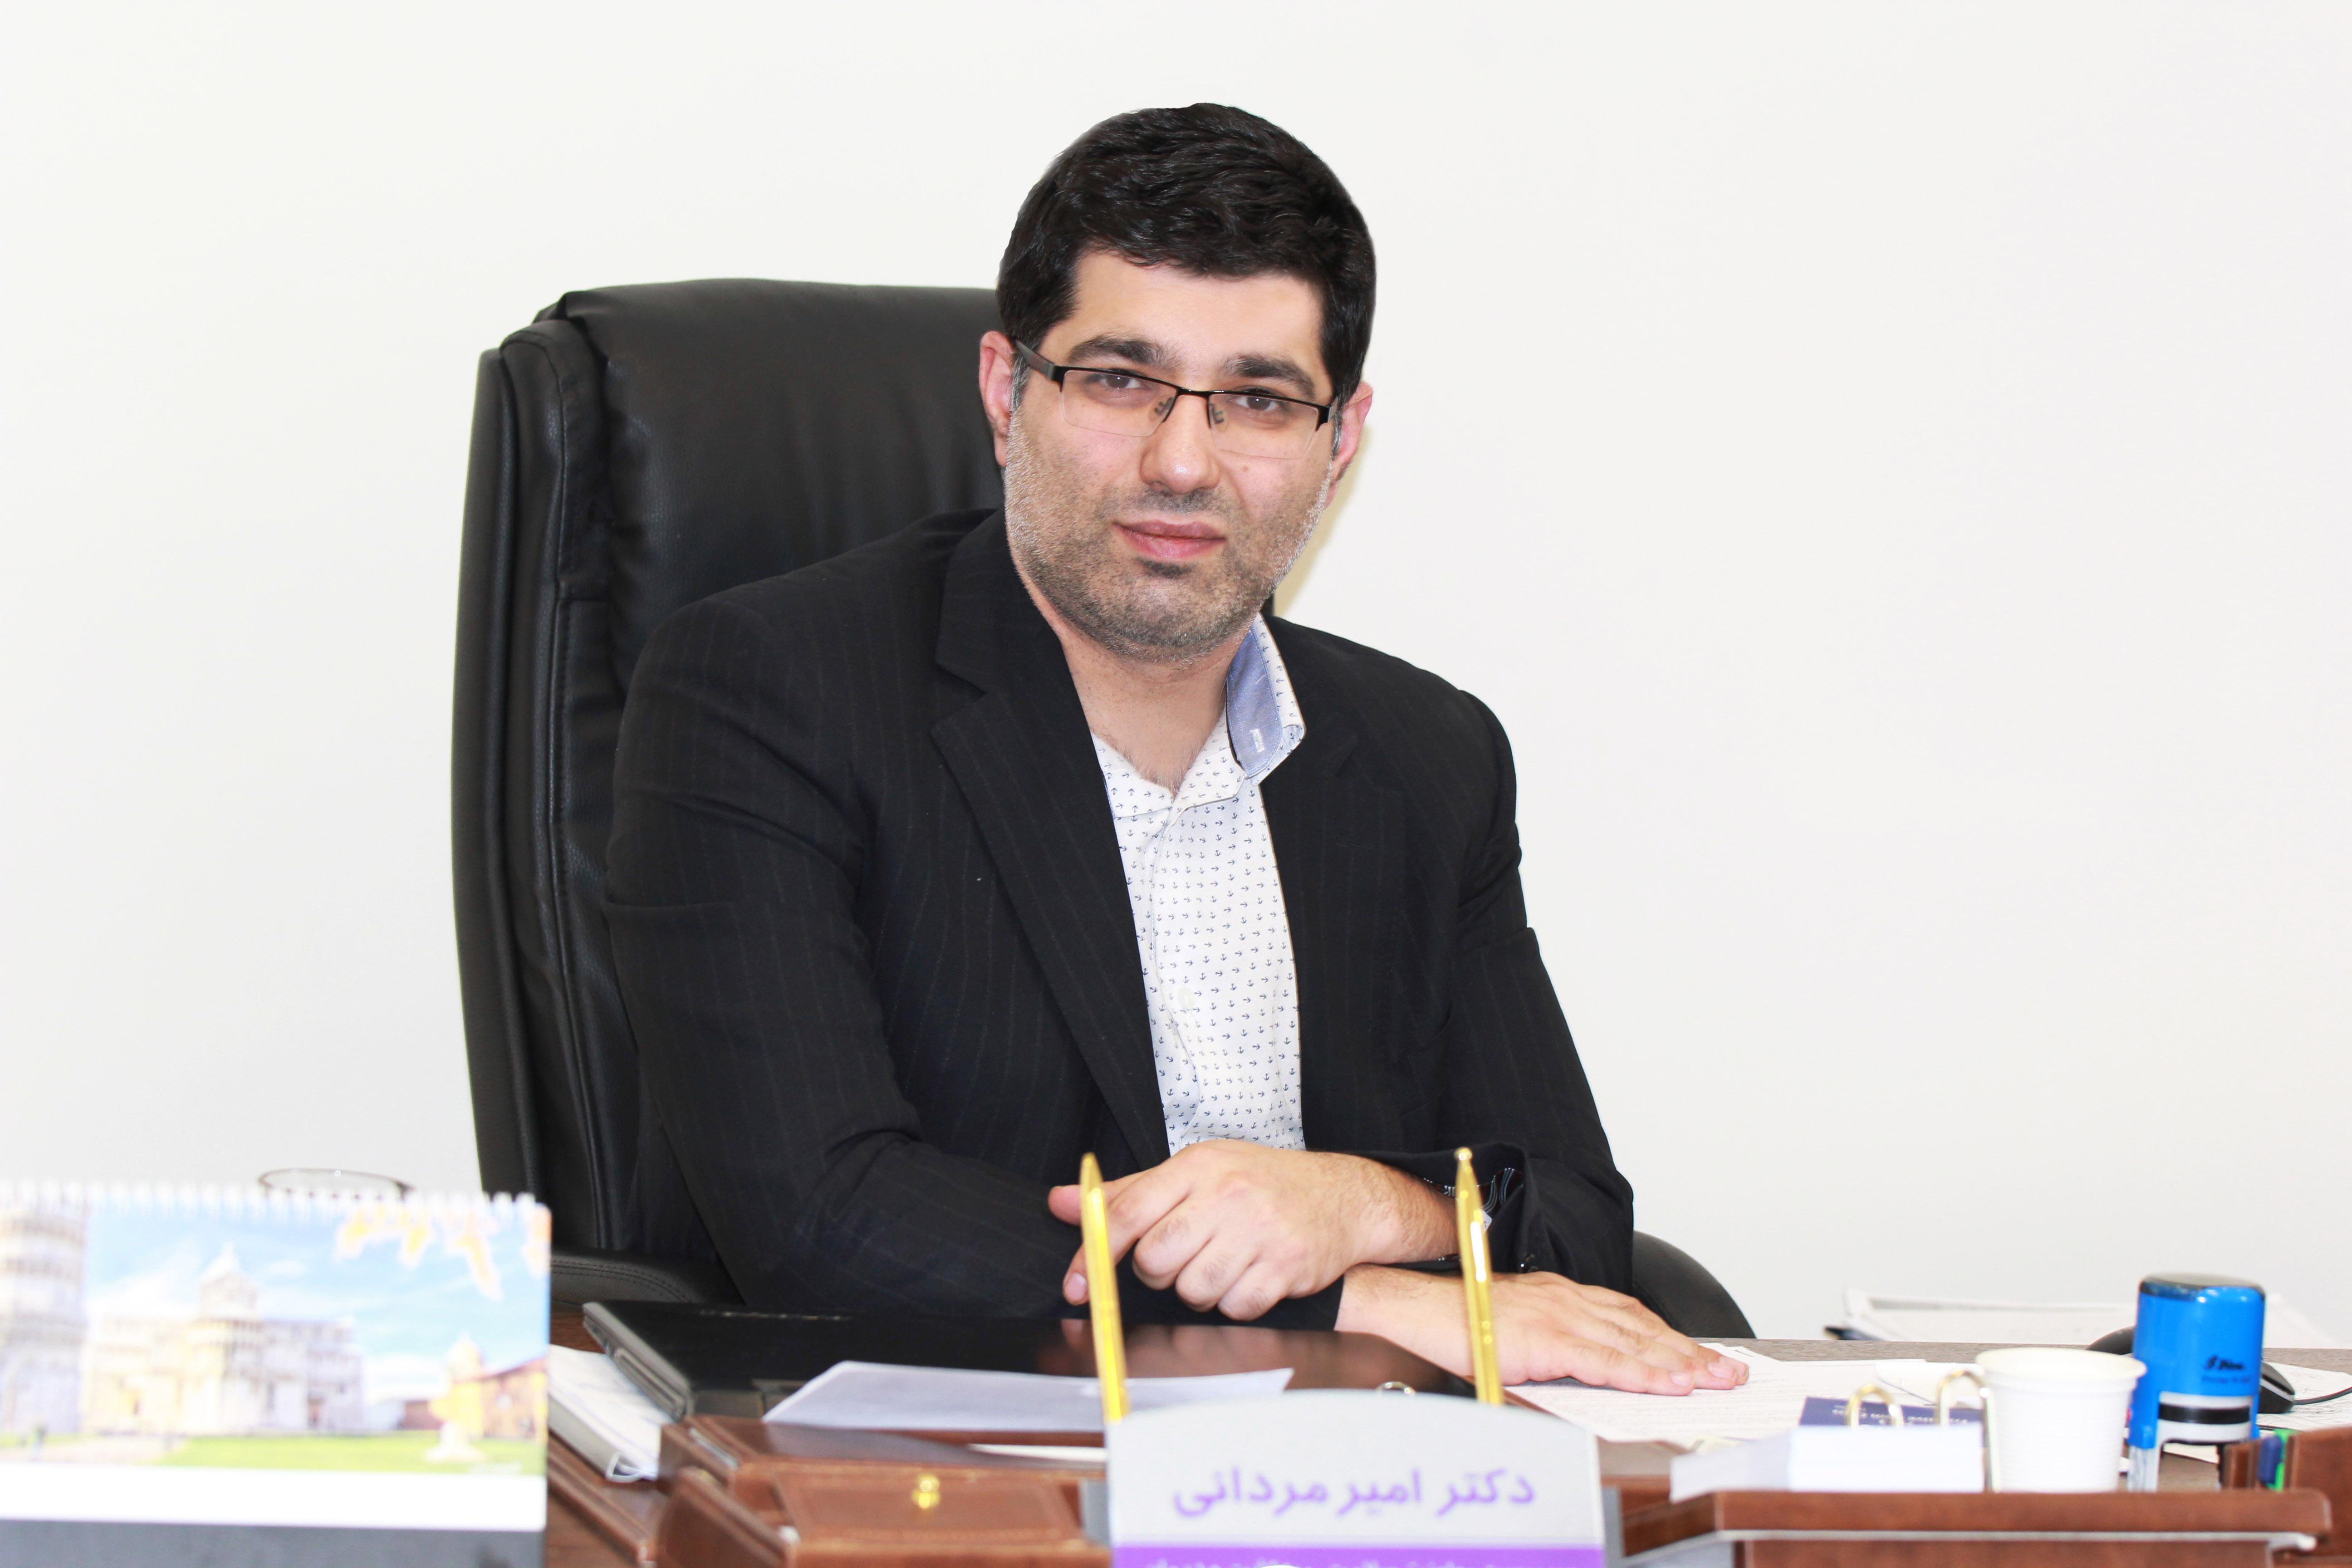 تعداد مراکز درمانی صندوقها در خوزستان افزایش یافت